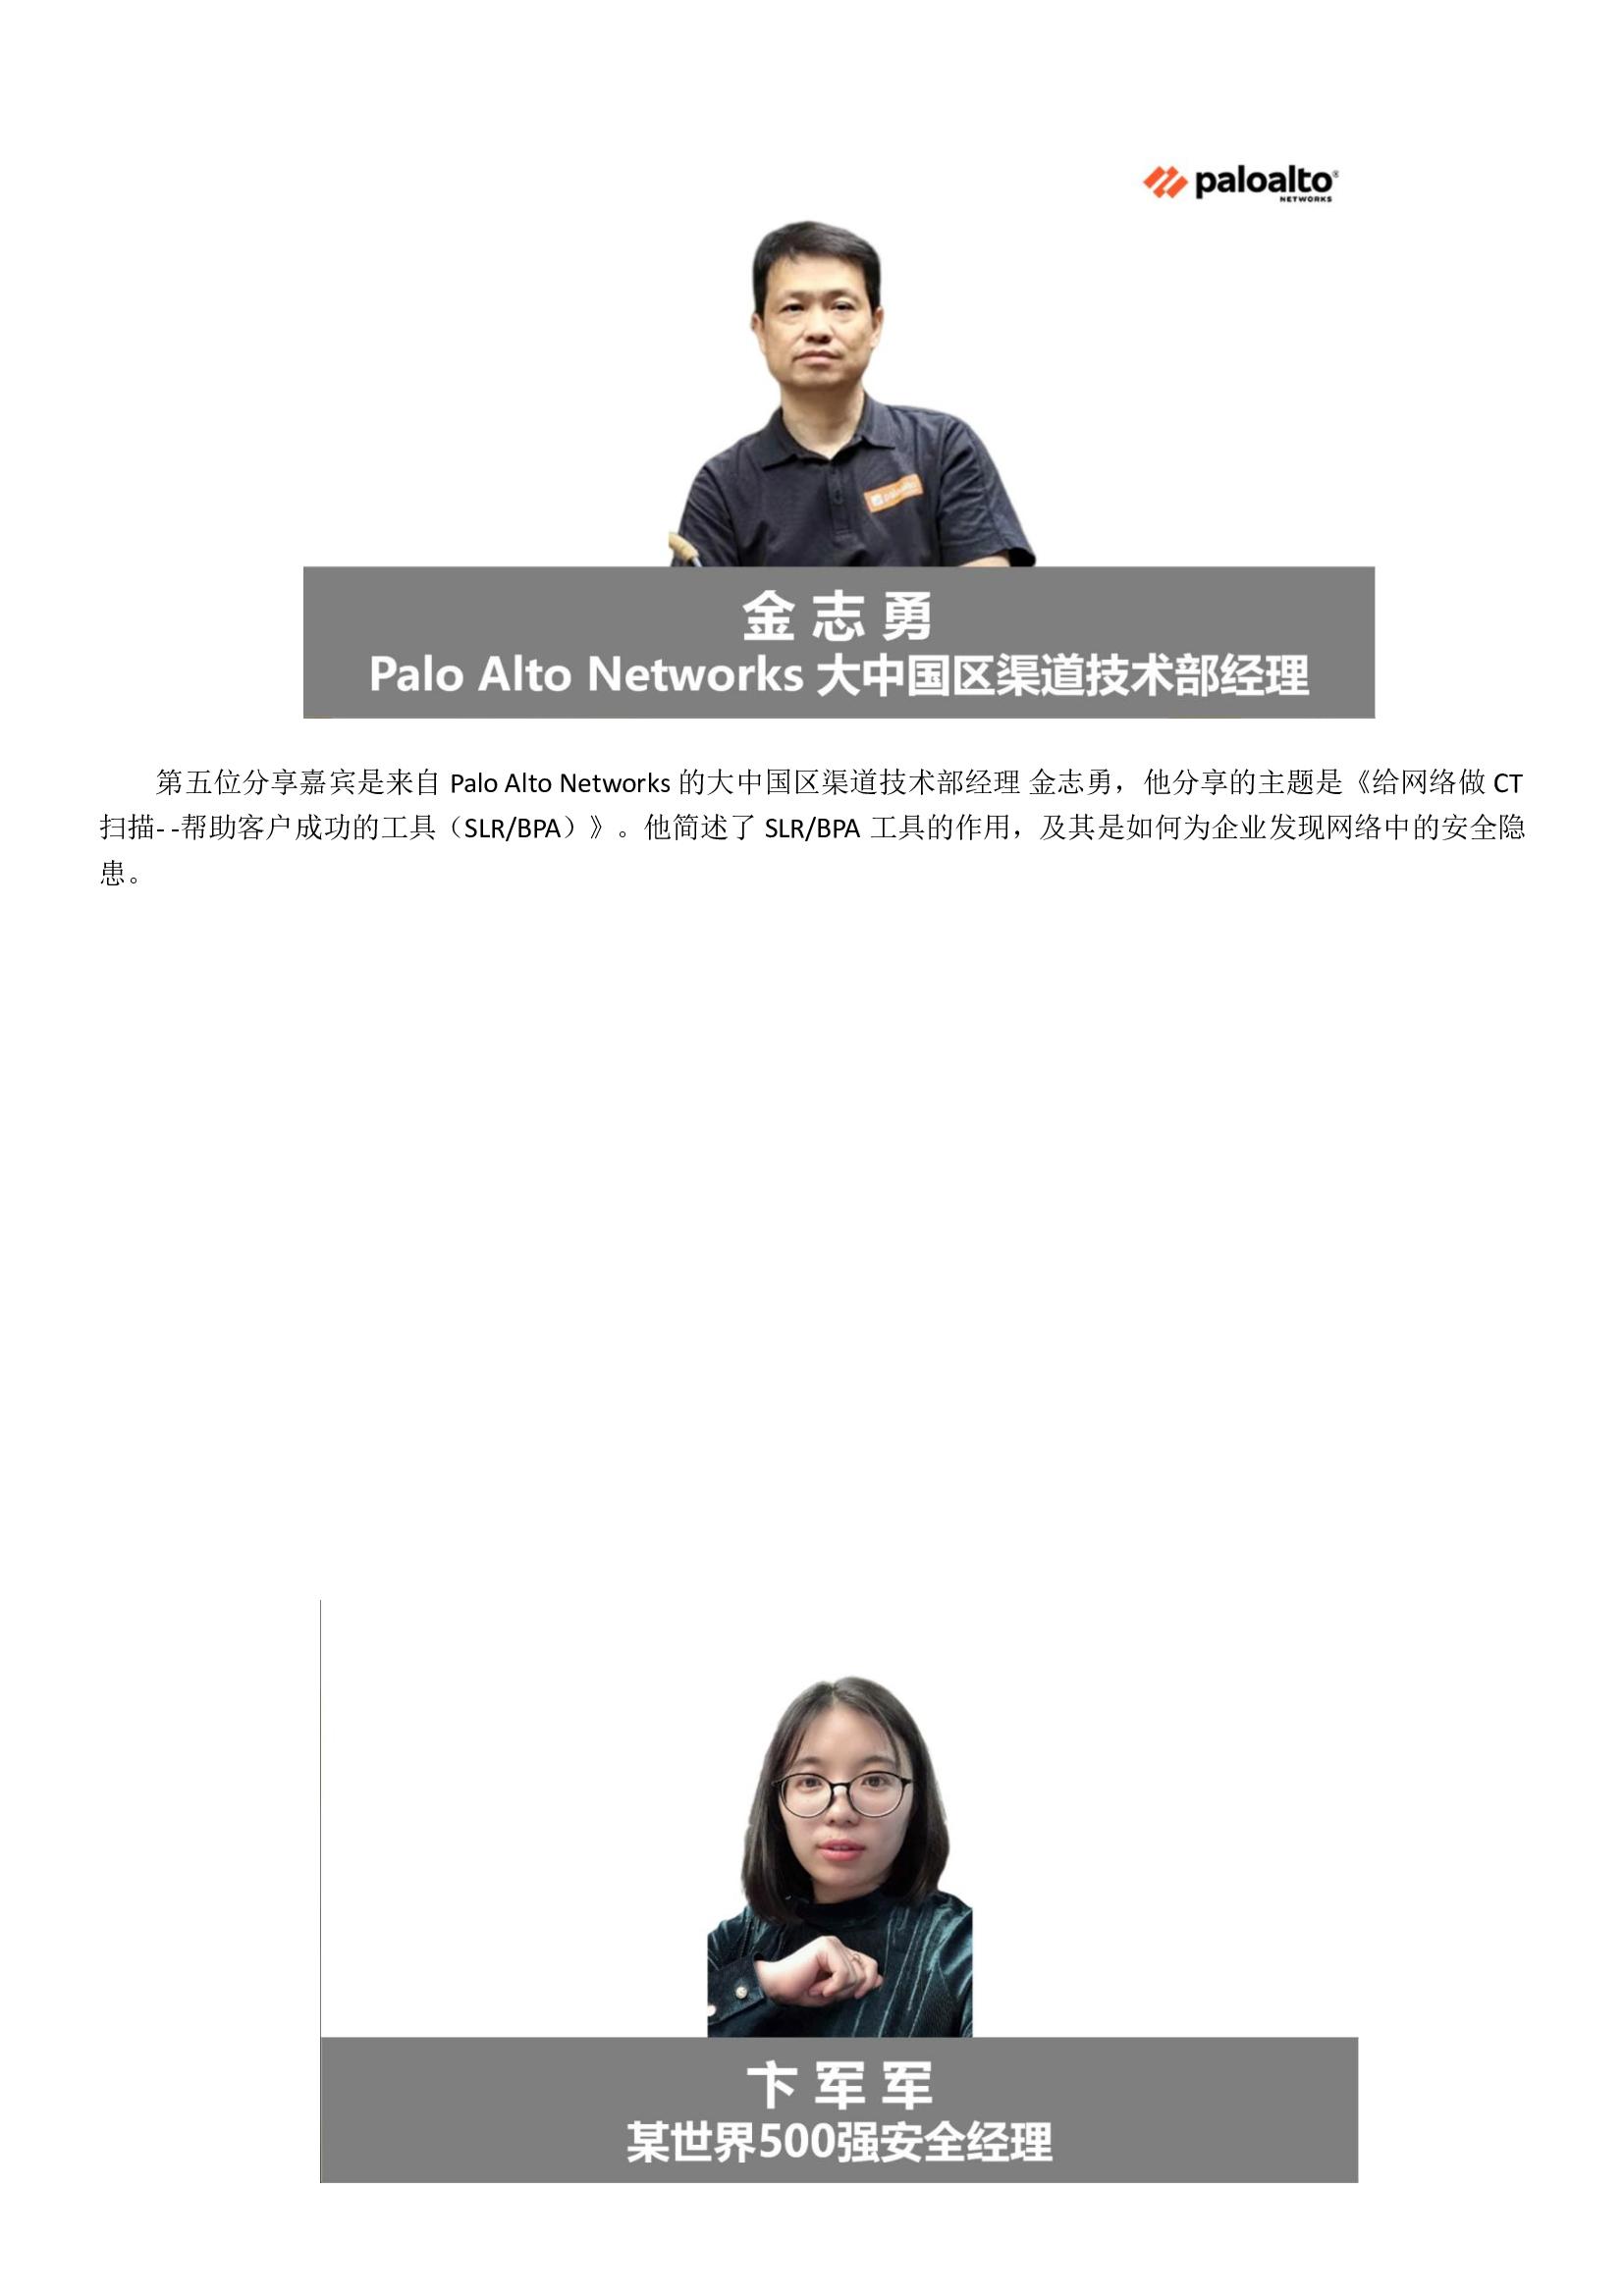 """完美落幕丨聚力战""""疫"""",赋能安全暨2020信息安全网络峰会成功举办!-RadeBit瑞安全"""